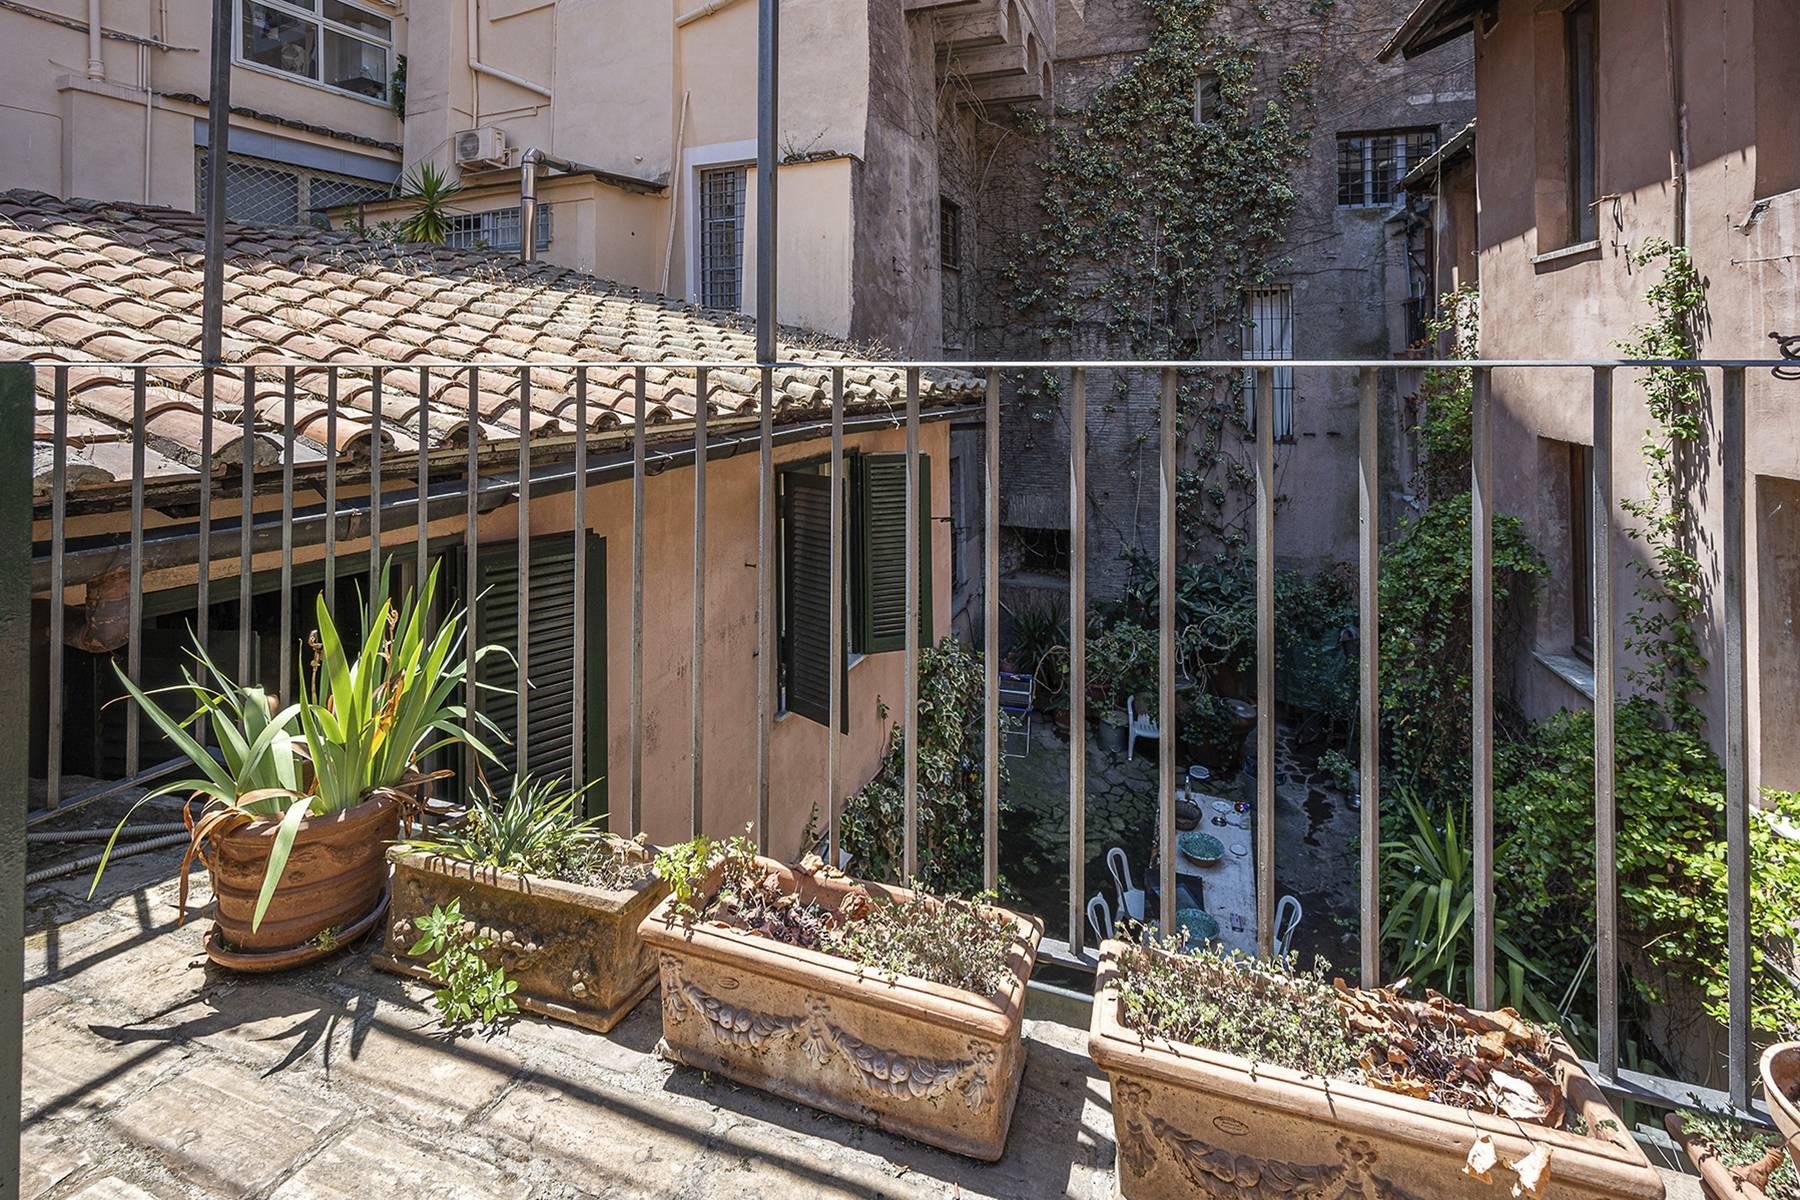 Casa indipendente in Vendita a Roma: 5 locali, 200 mq - Foto 5